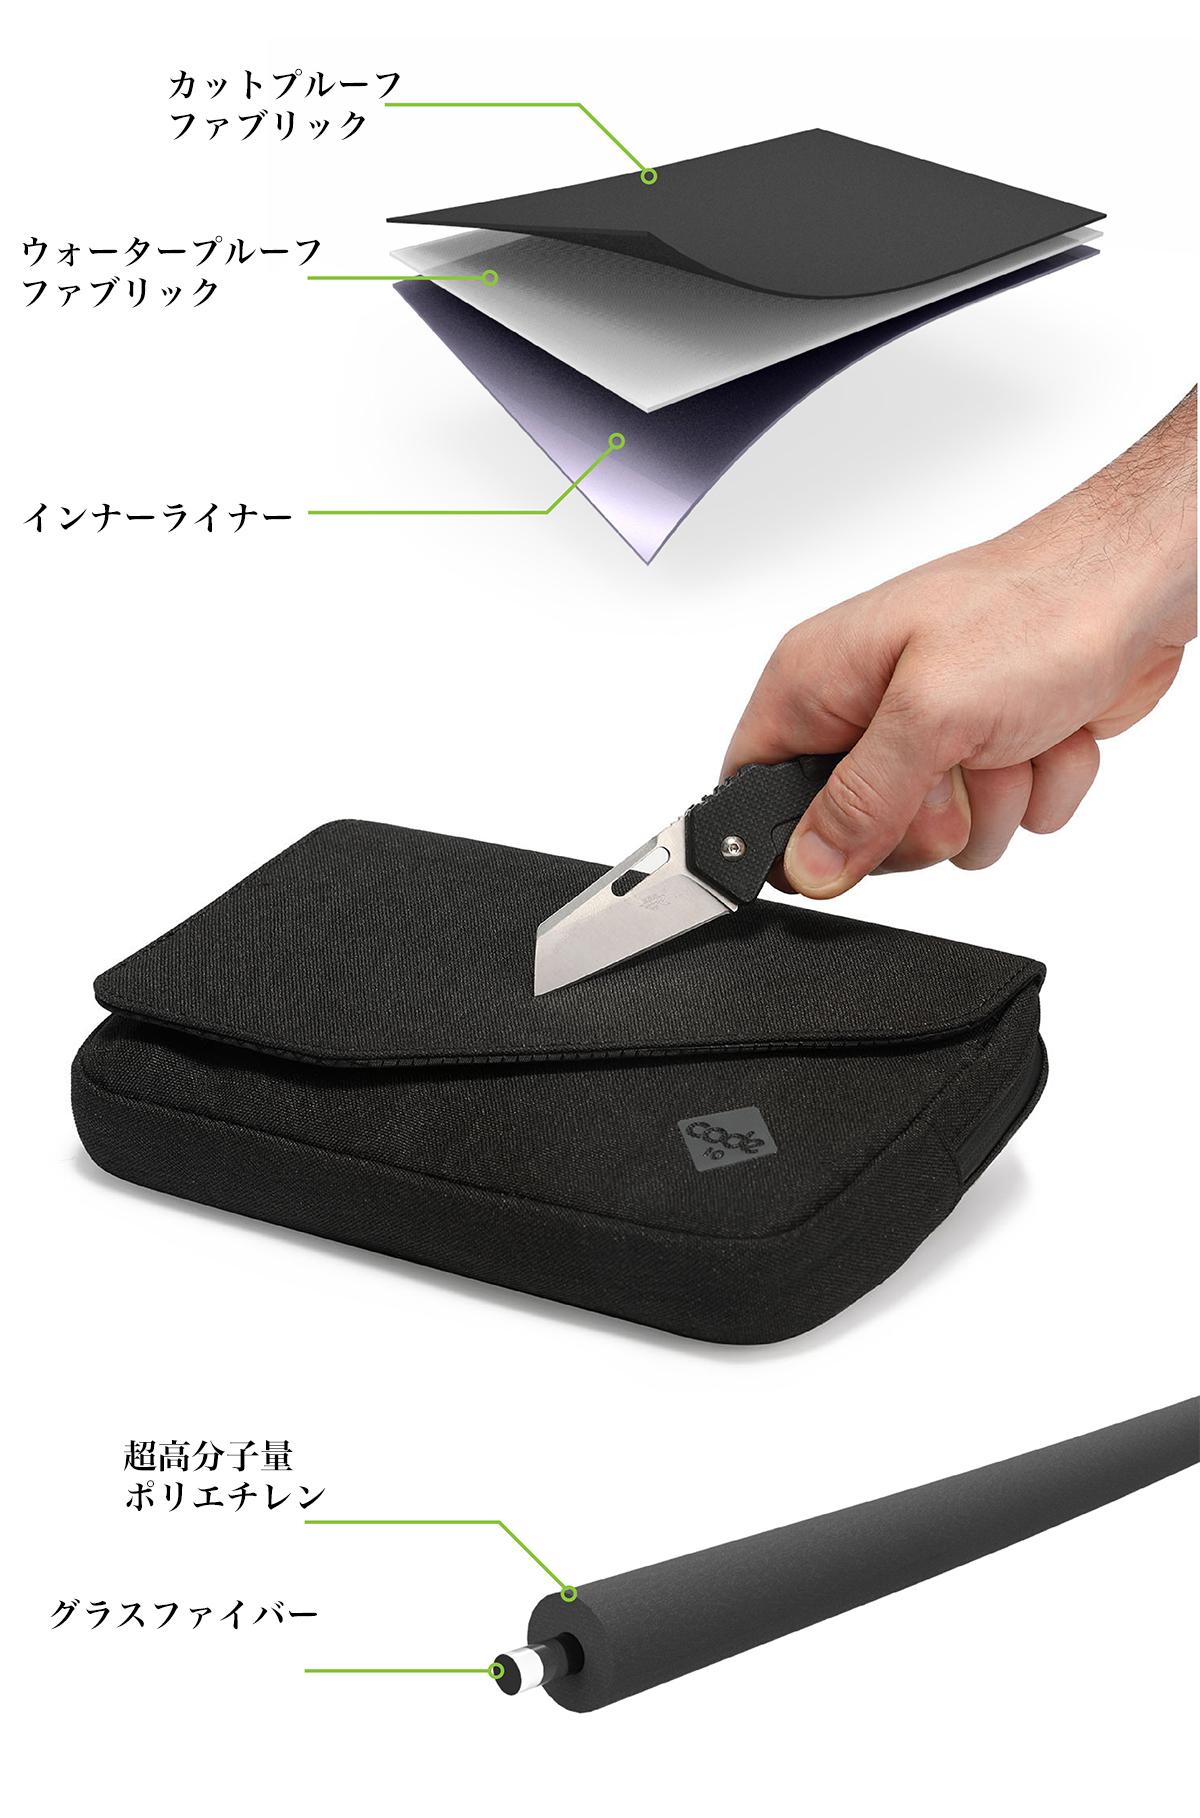 カッターで切りつけても傷つかない、丈夫な素材|着る財布(ボディーバッグ型財布)|Code10